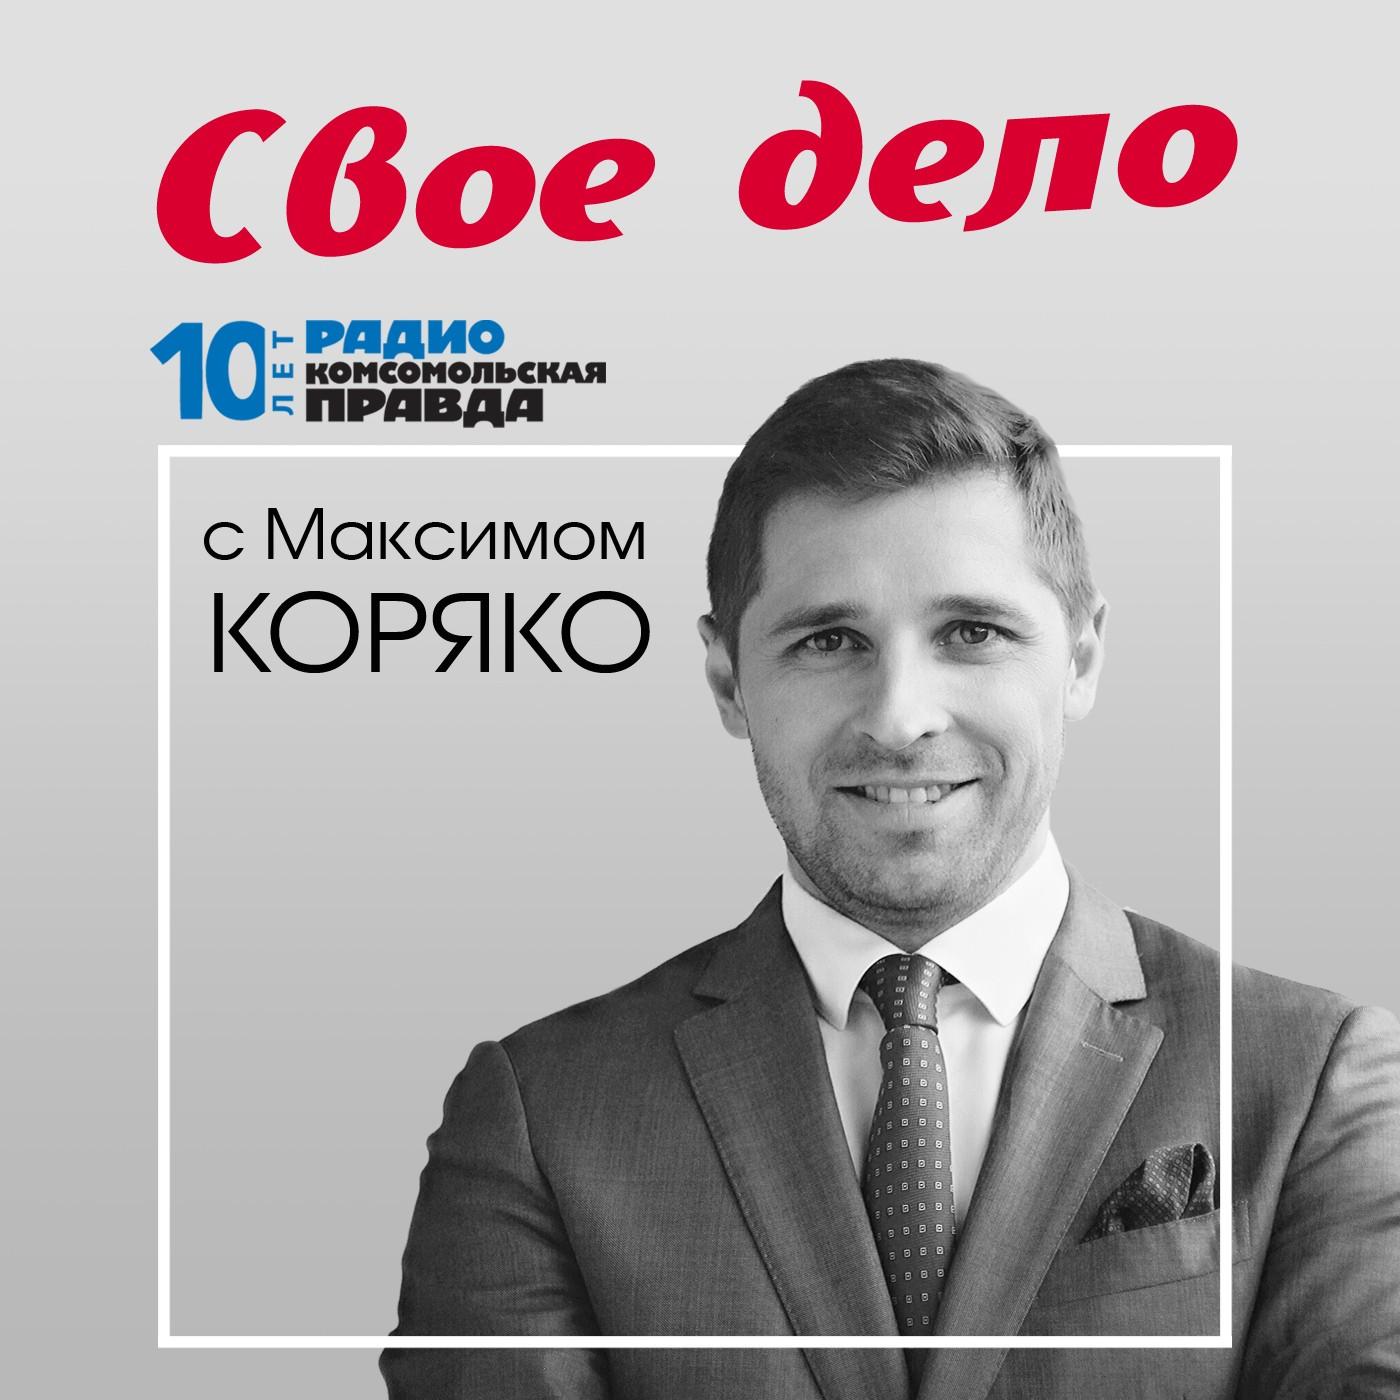 Радио «Комсомольская правда» Сеть для доктора